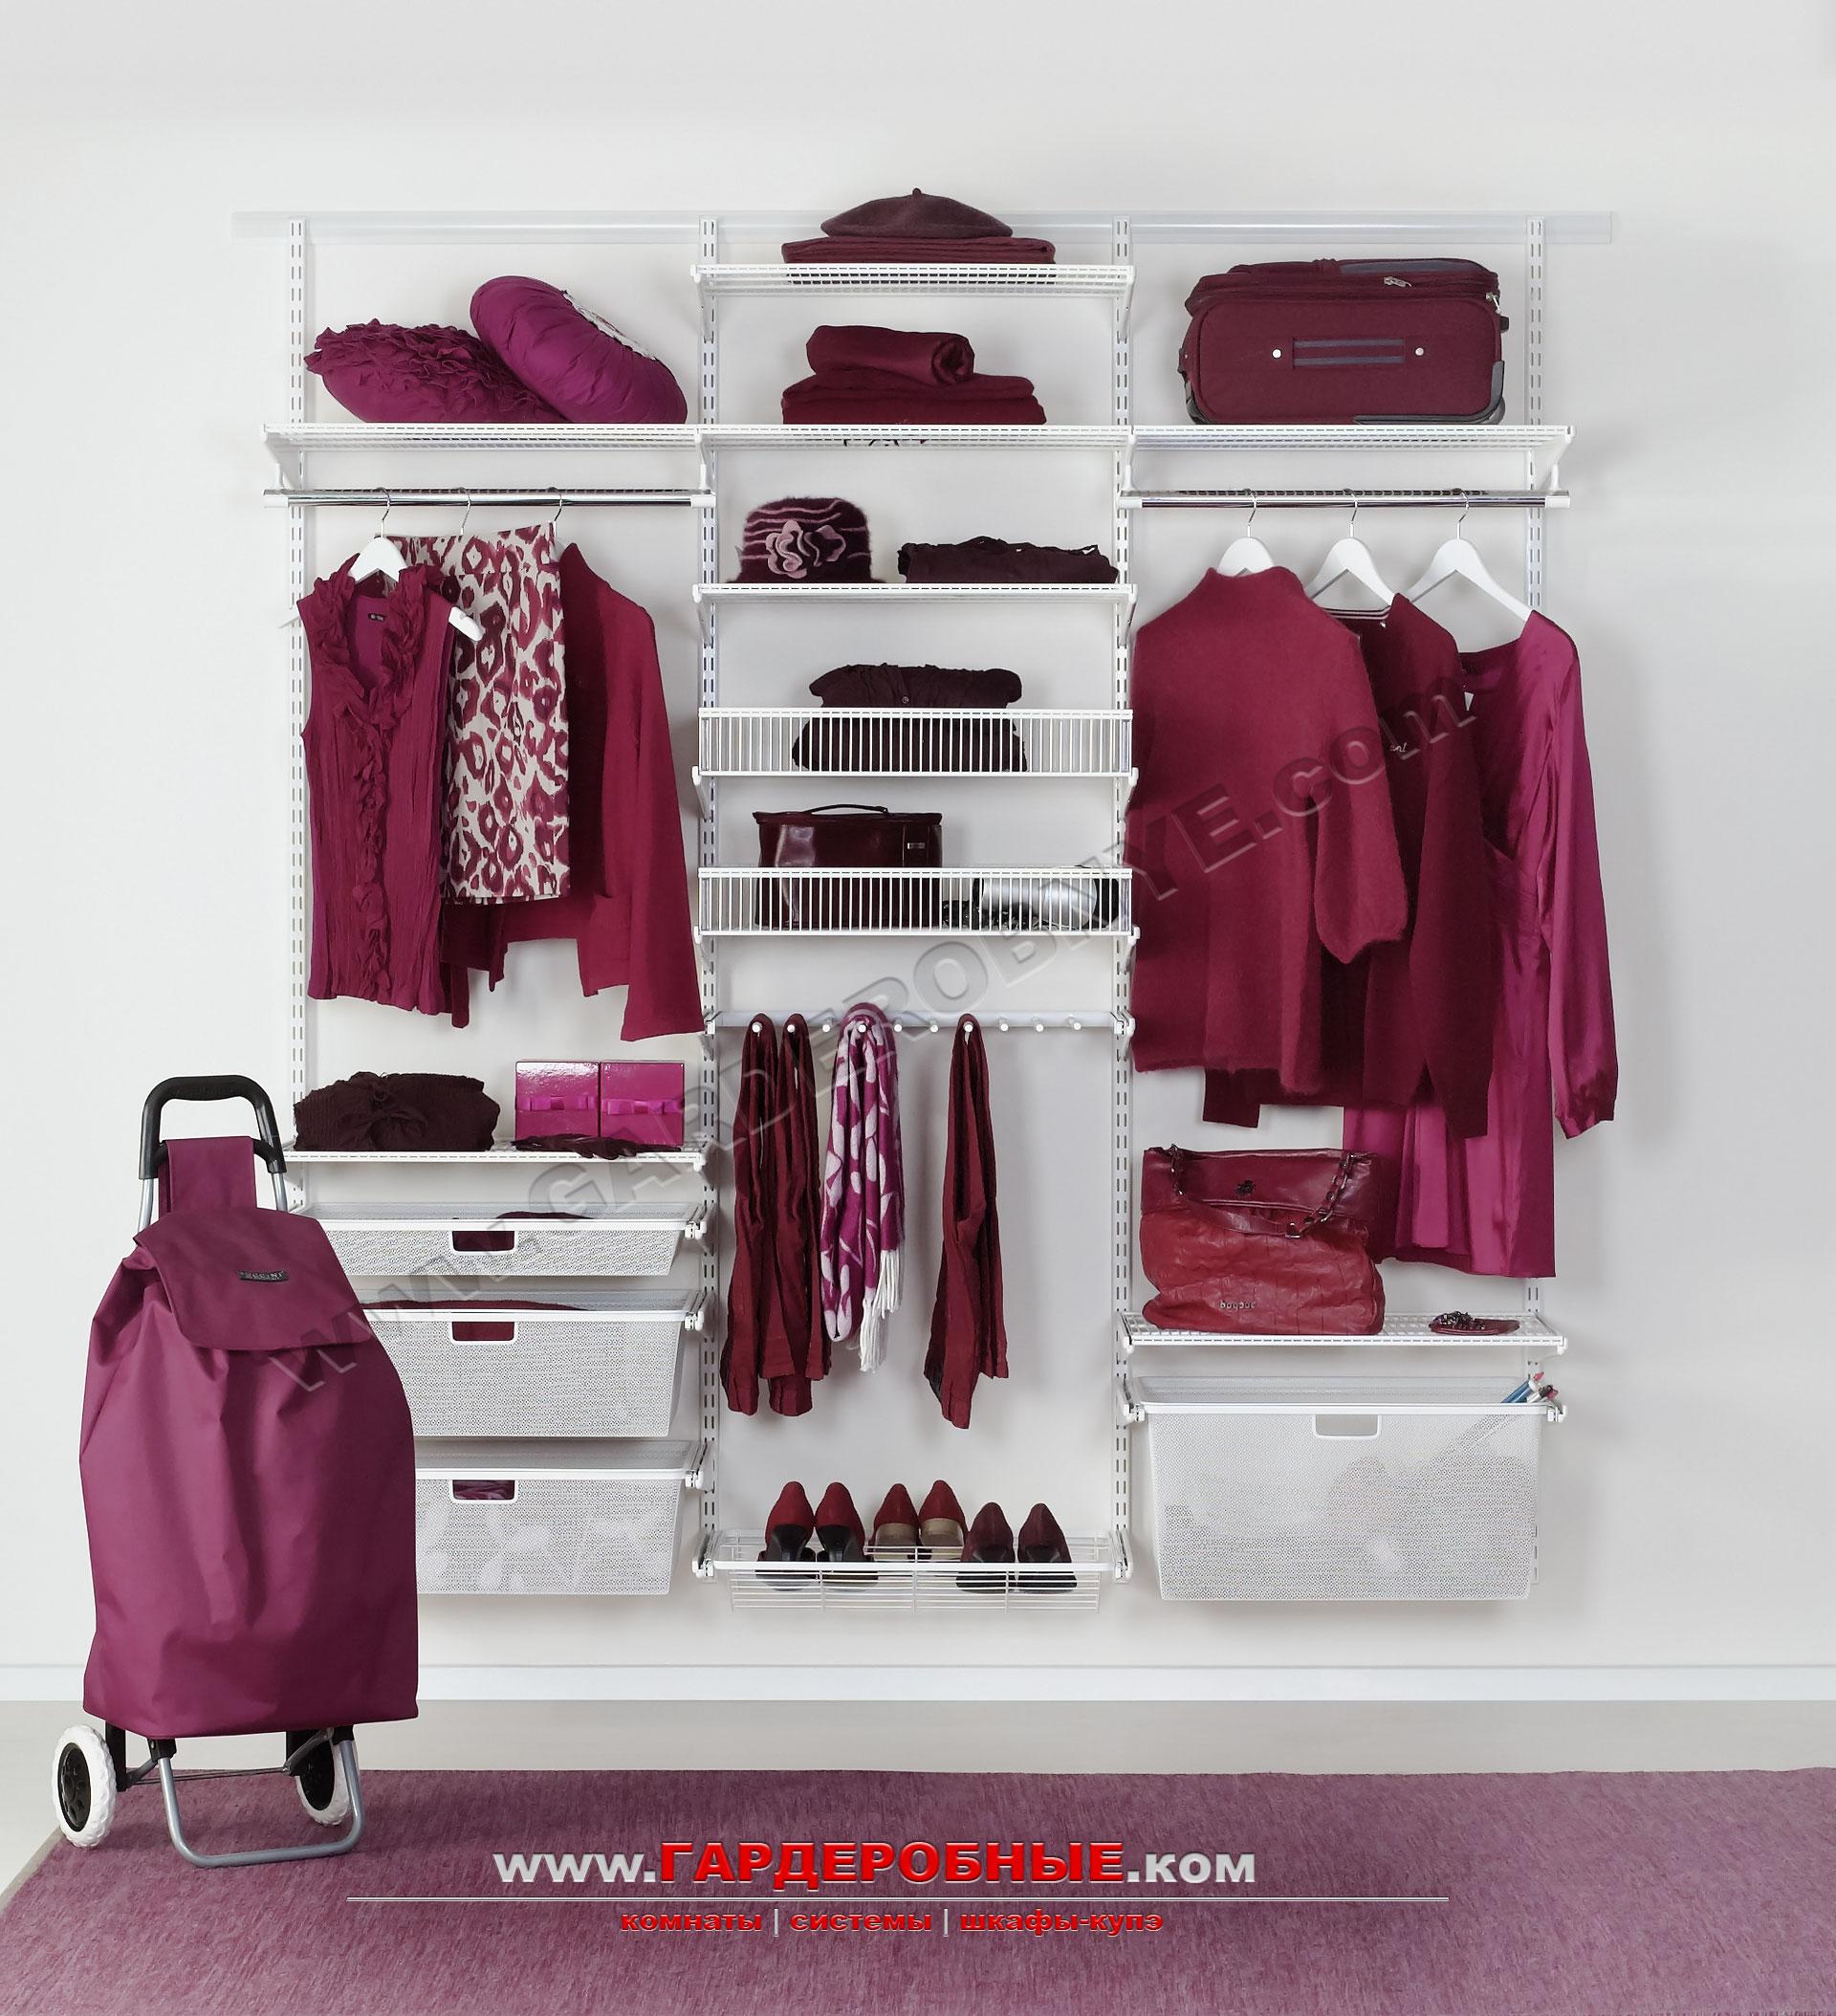 Мебельный магазин антураж купить мебель в вологде - гардероб.